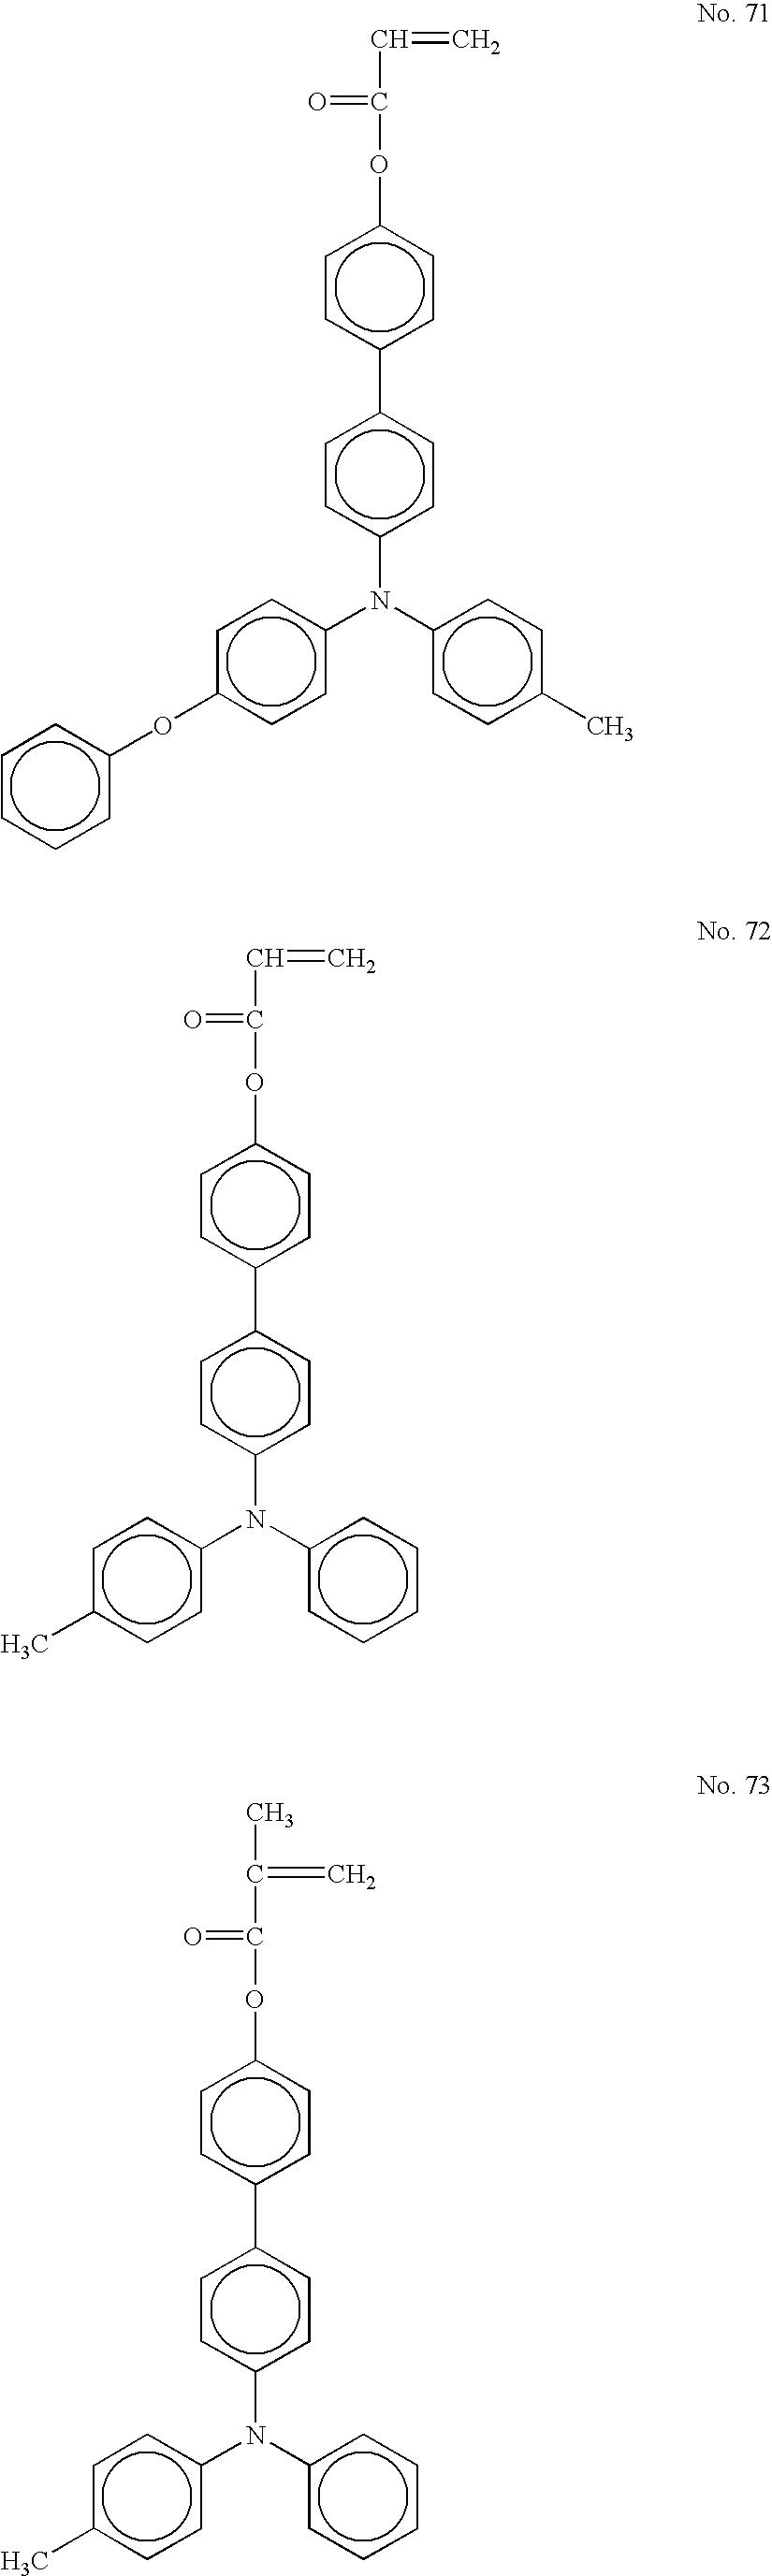 Figure US07390600-20080624-C00026